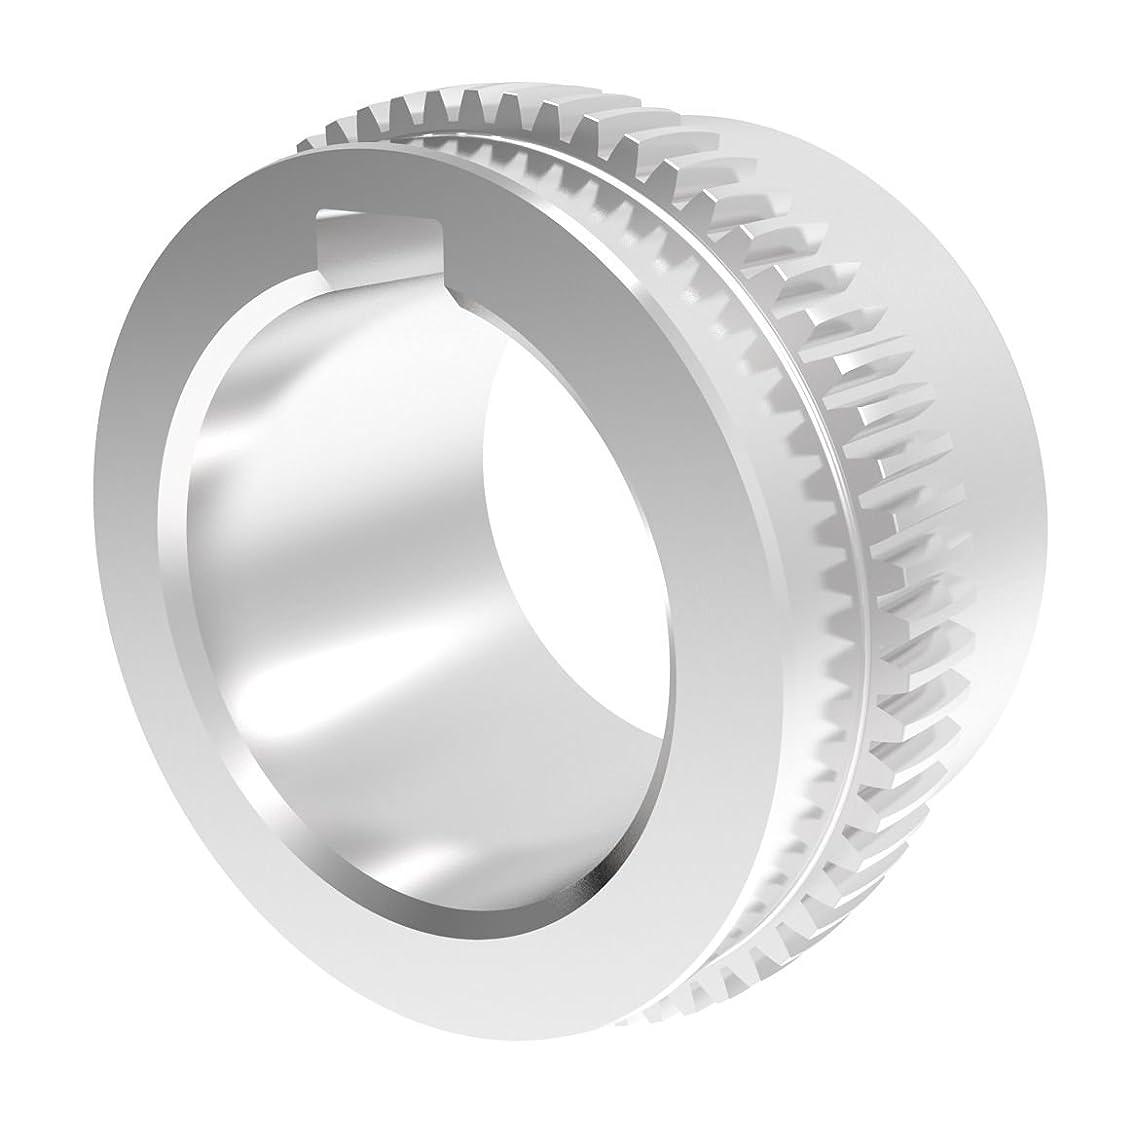 Lovejoy 69790442654 HERCUFLEX FX SERIES 42654 FX 4SM Steel Rigid Hub, 3-3/4